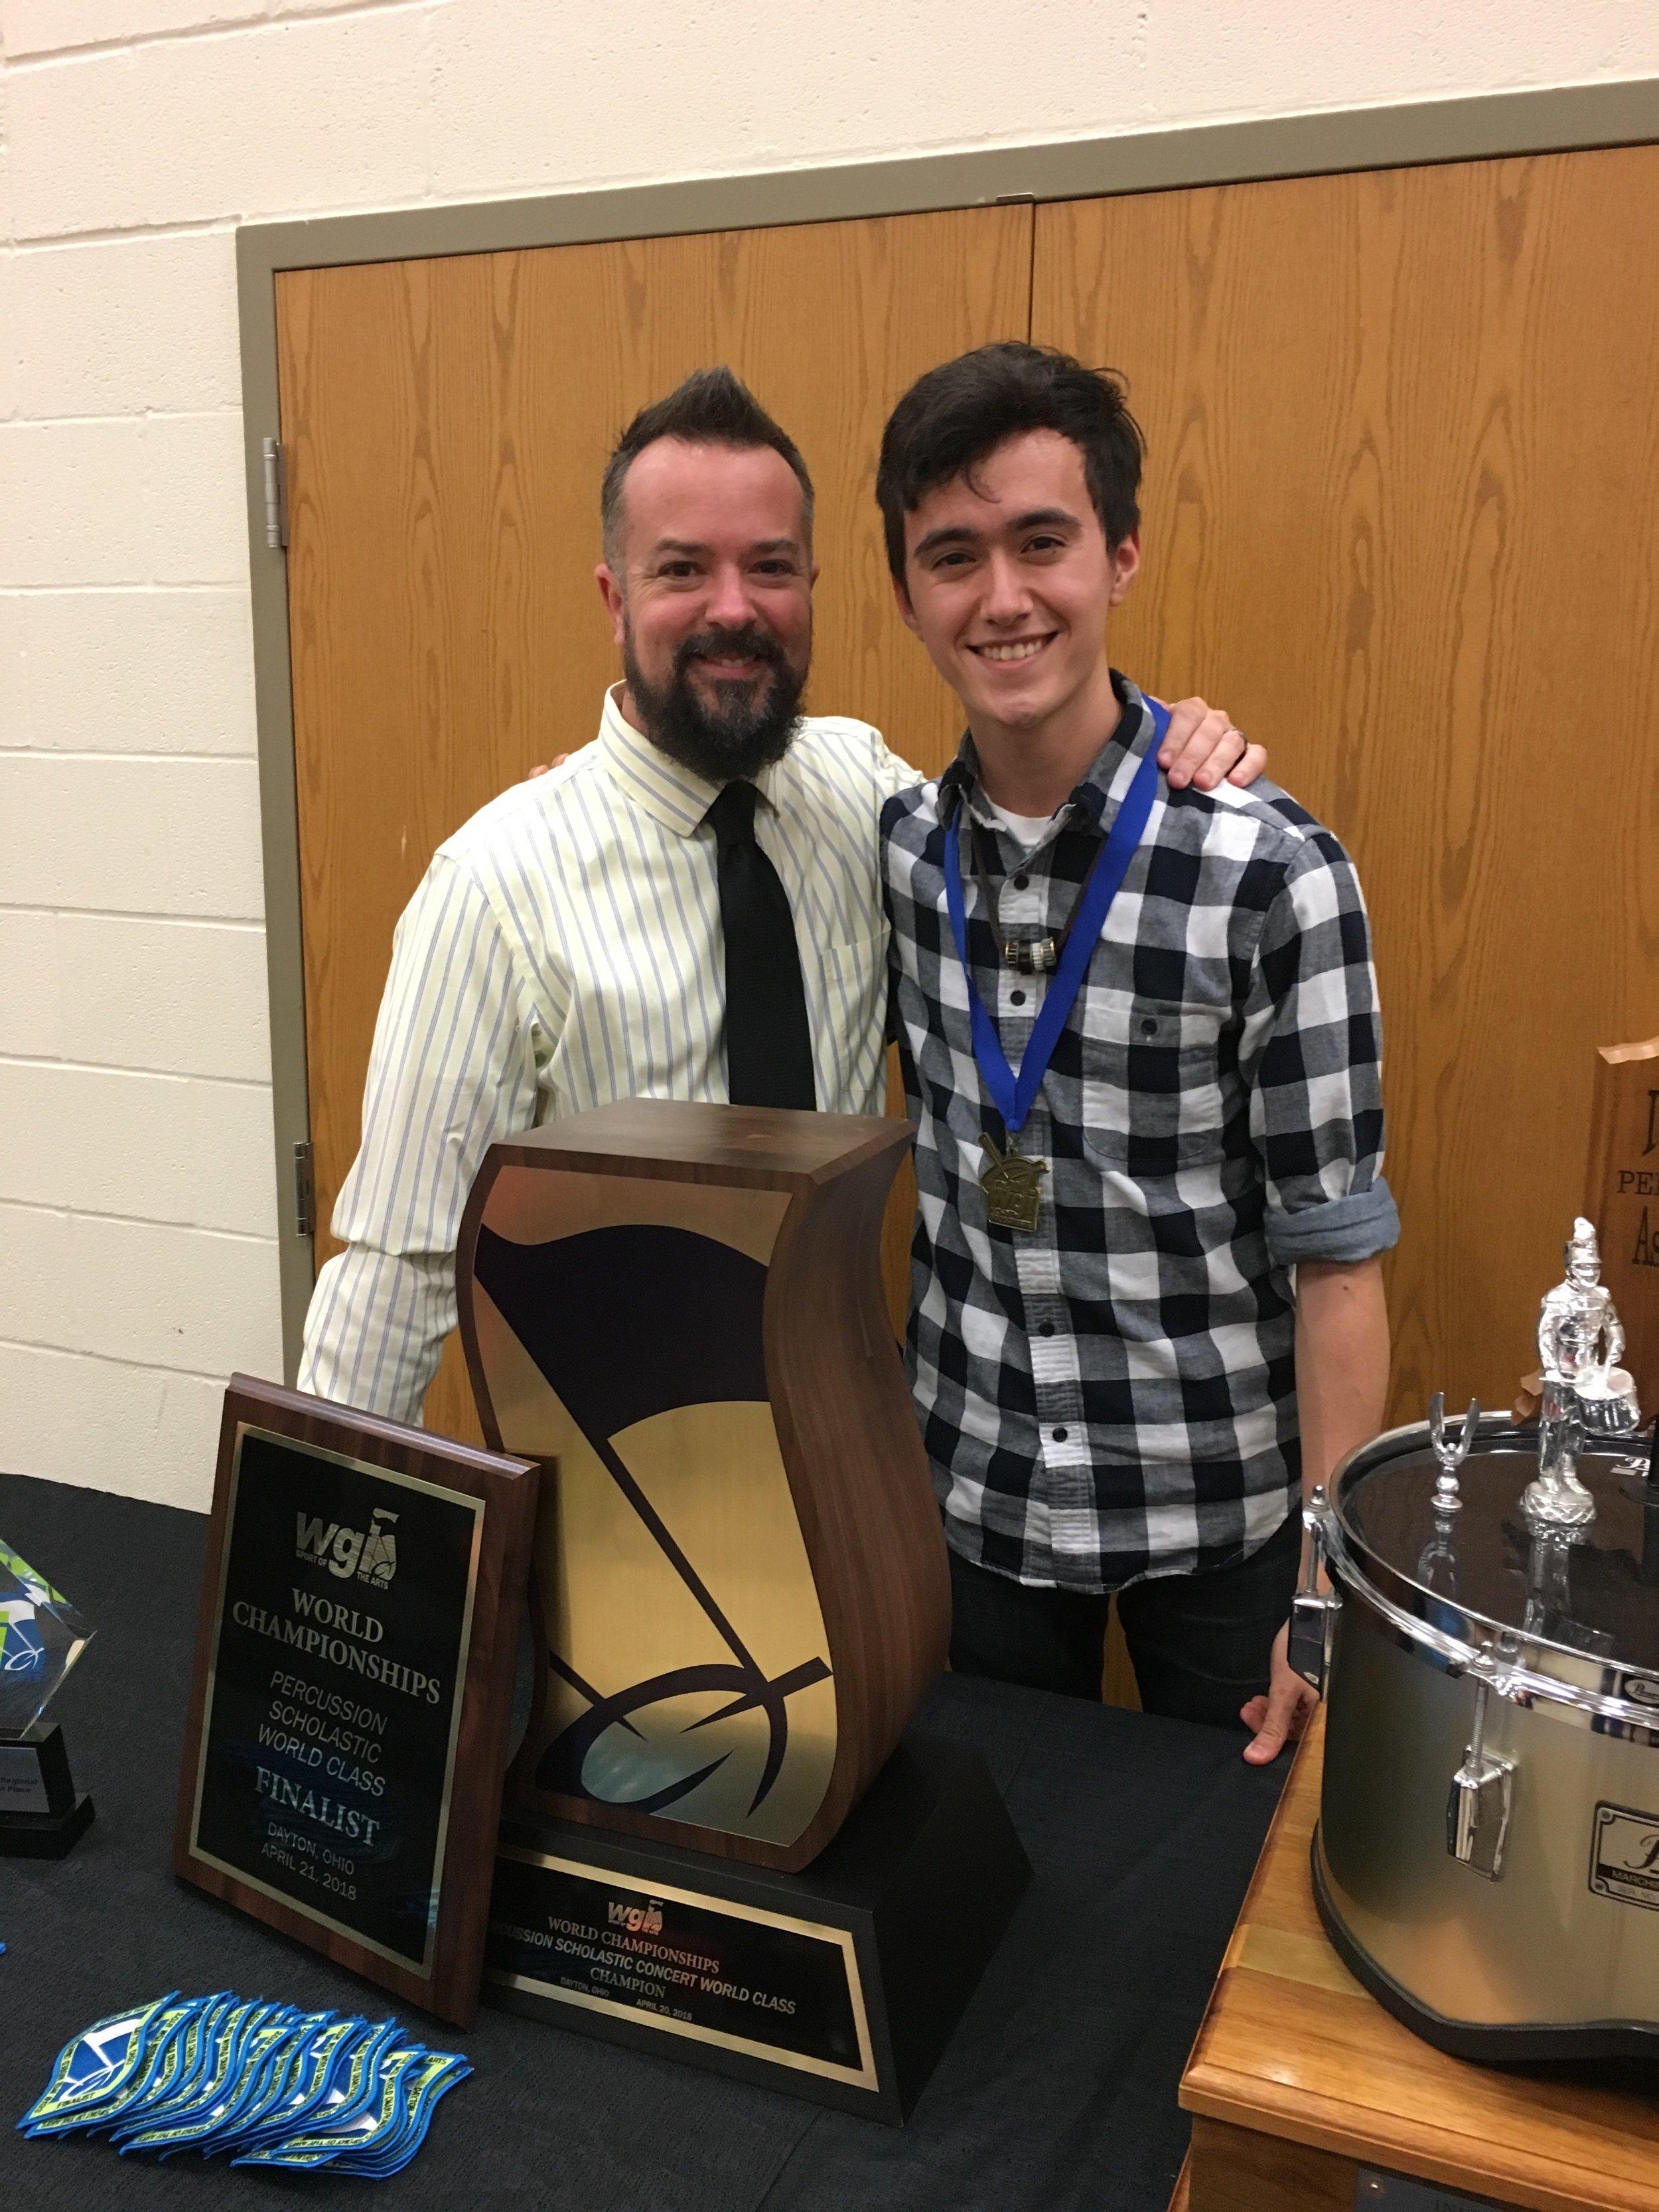 With former teacher Chad Kohler